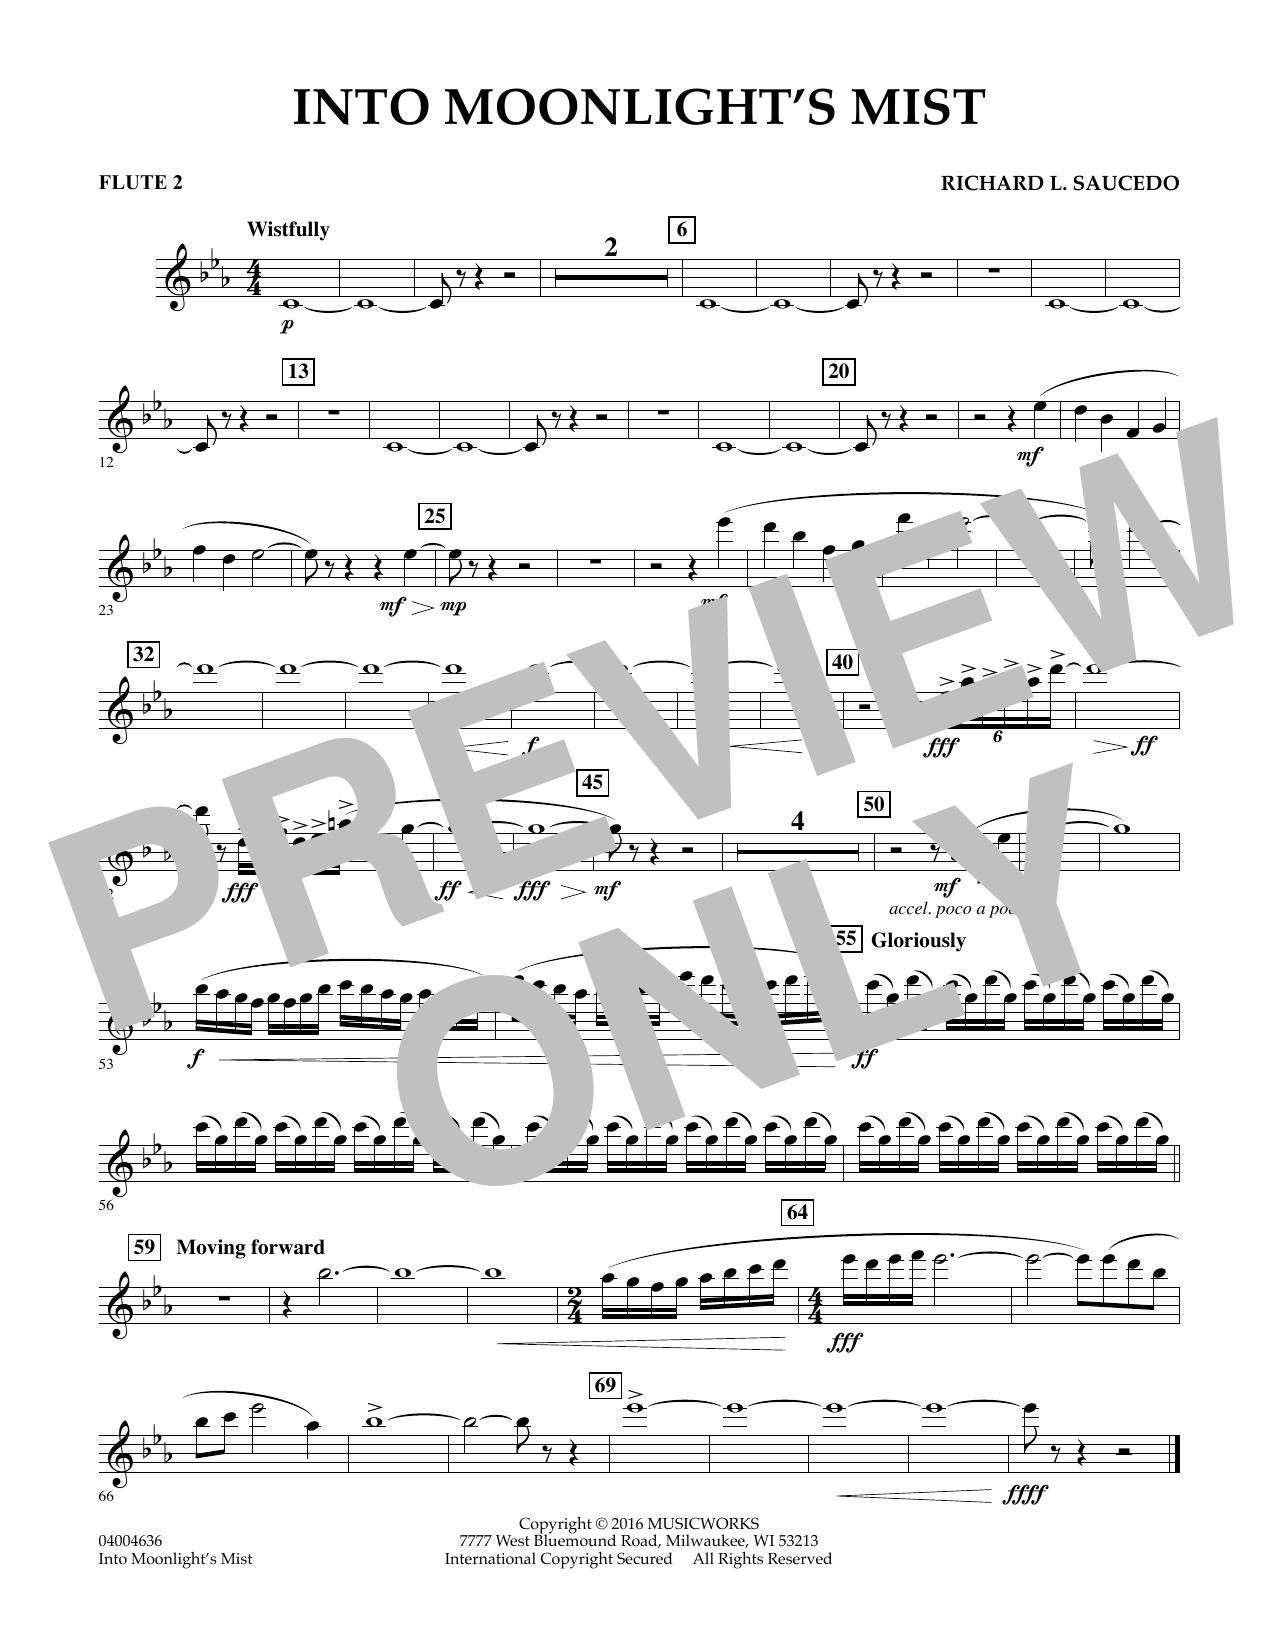 Into Moonlight's Mist - Flute 2